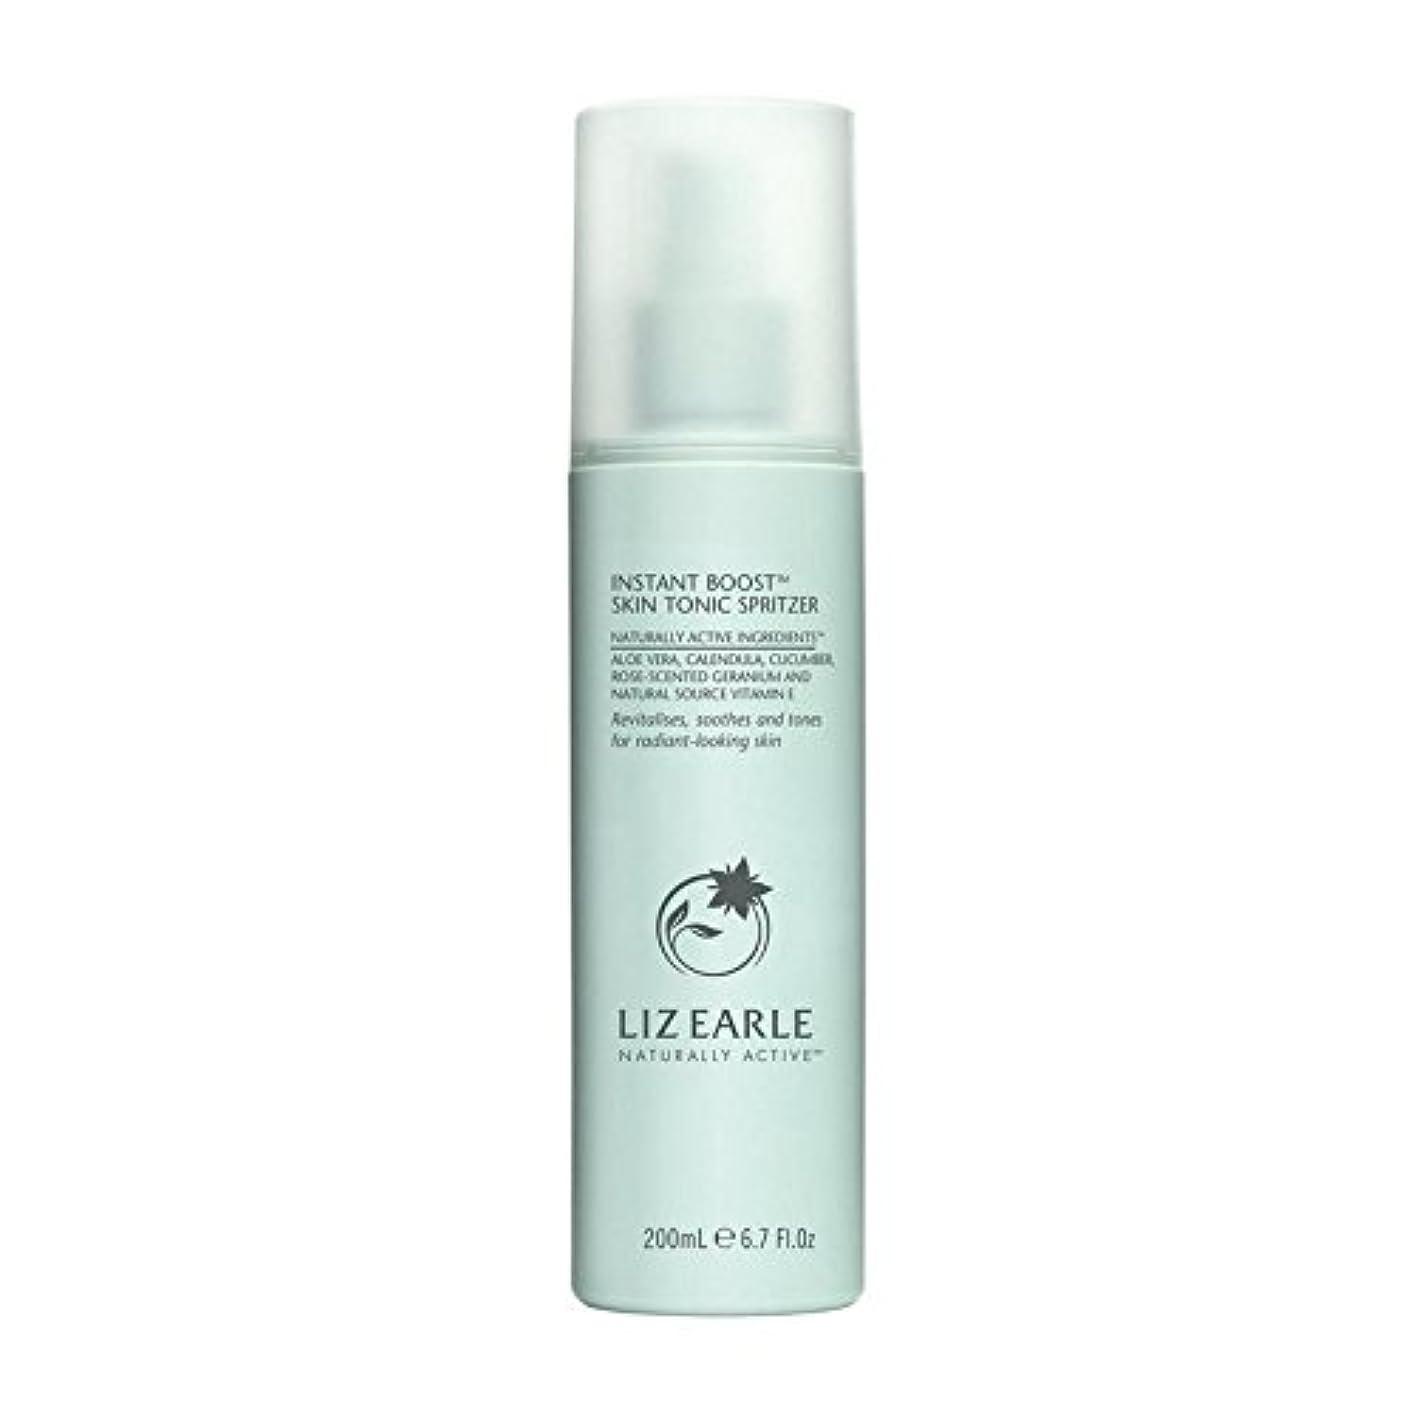 関税ソブリケット内なるLiz Earle Instant Boost Skin Tonic Spritzer 200ml - リズアールインスタントブーストスキントニックスプリッツァーの200ミリリットル [並行輸入品]